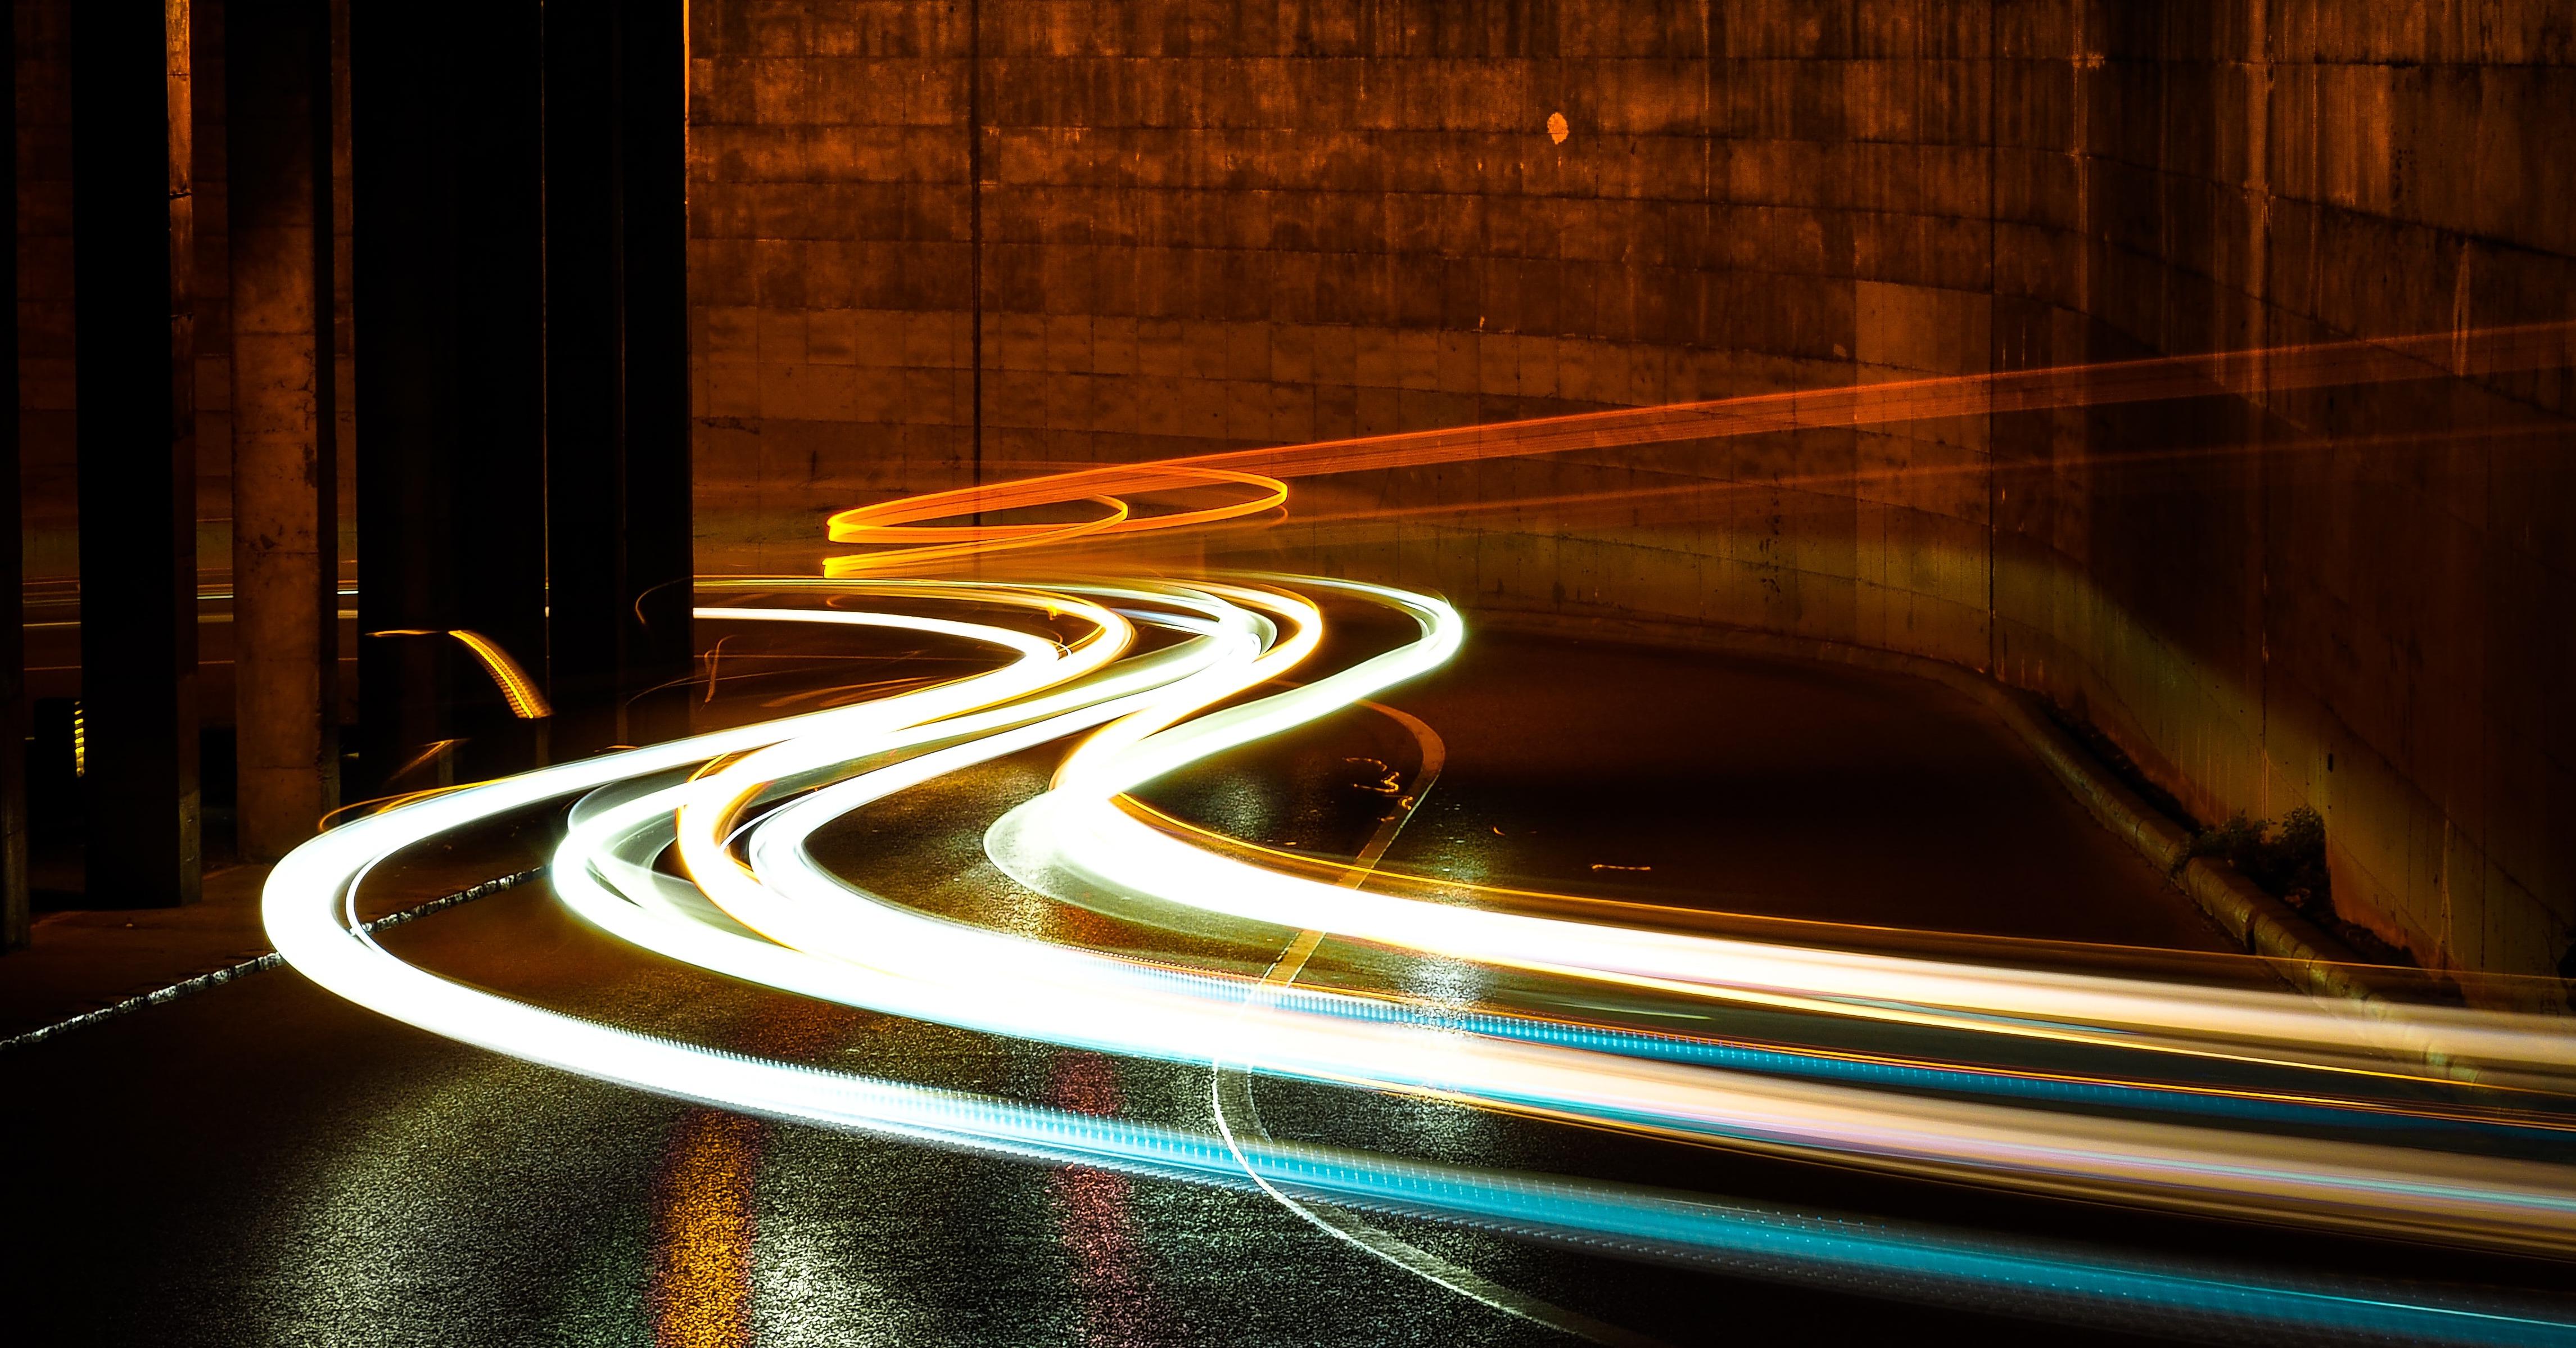 Gigabit Britain: The Road to Full-Fibre supplement